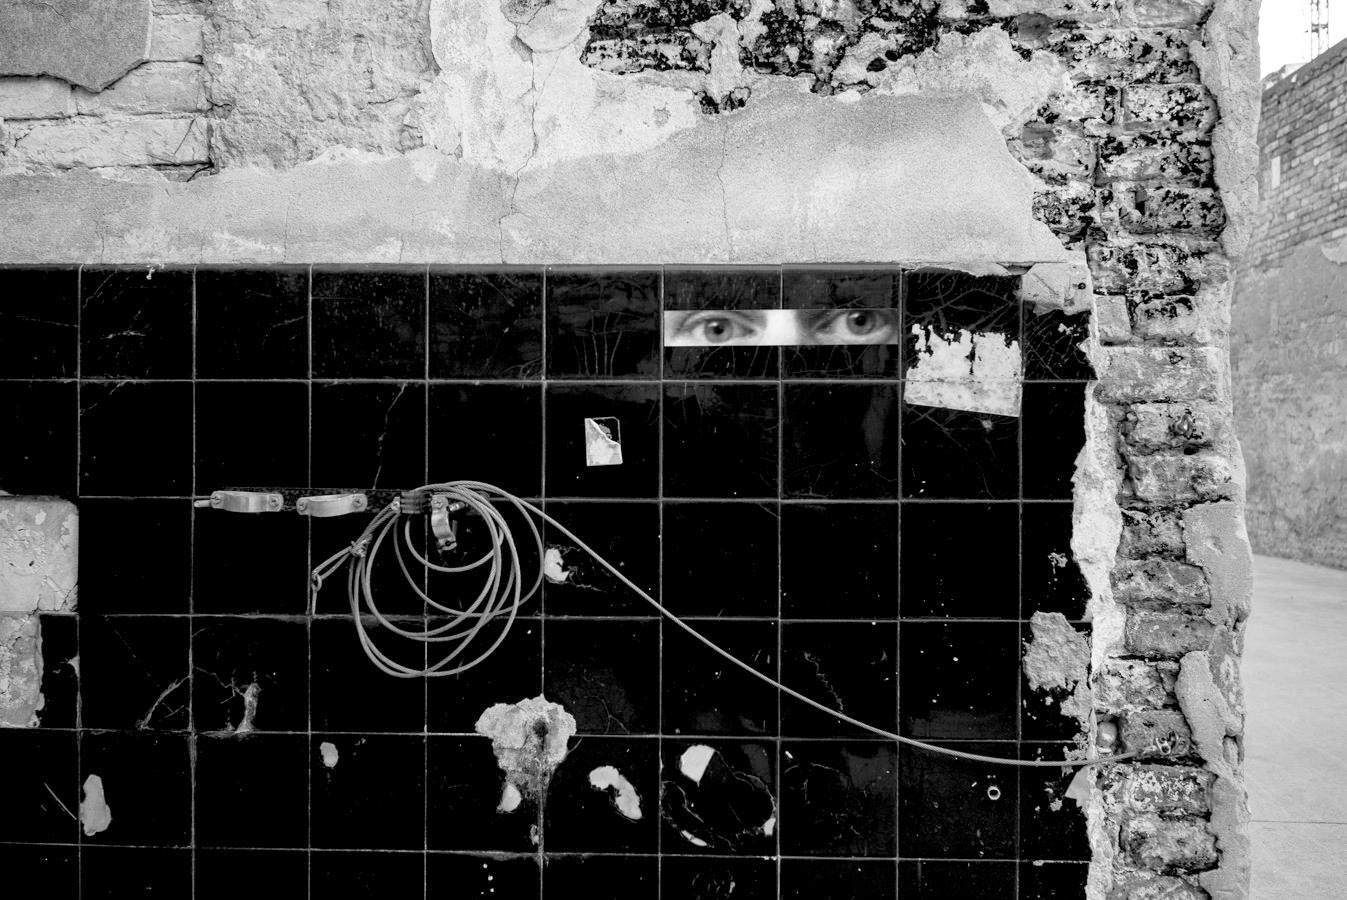 Biennale-Art-in-the-Arsenal